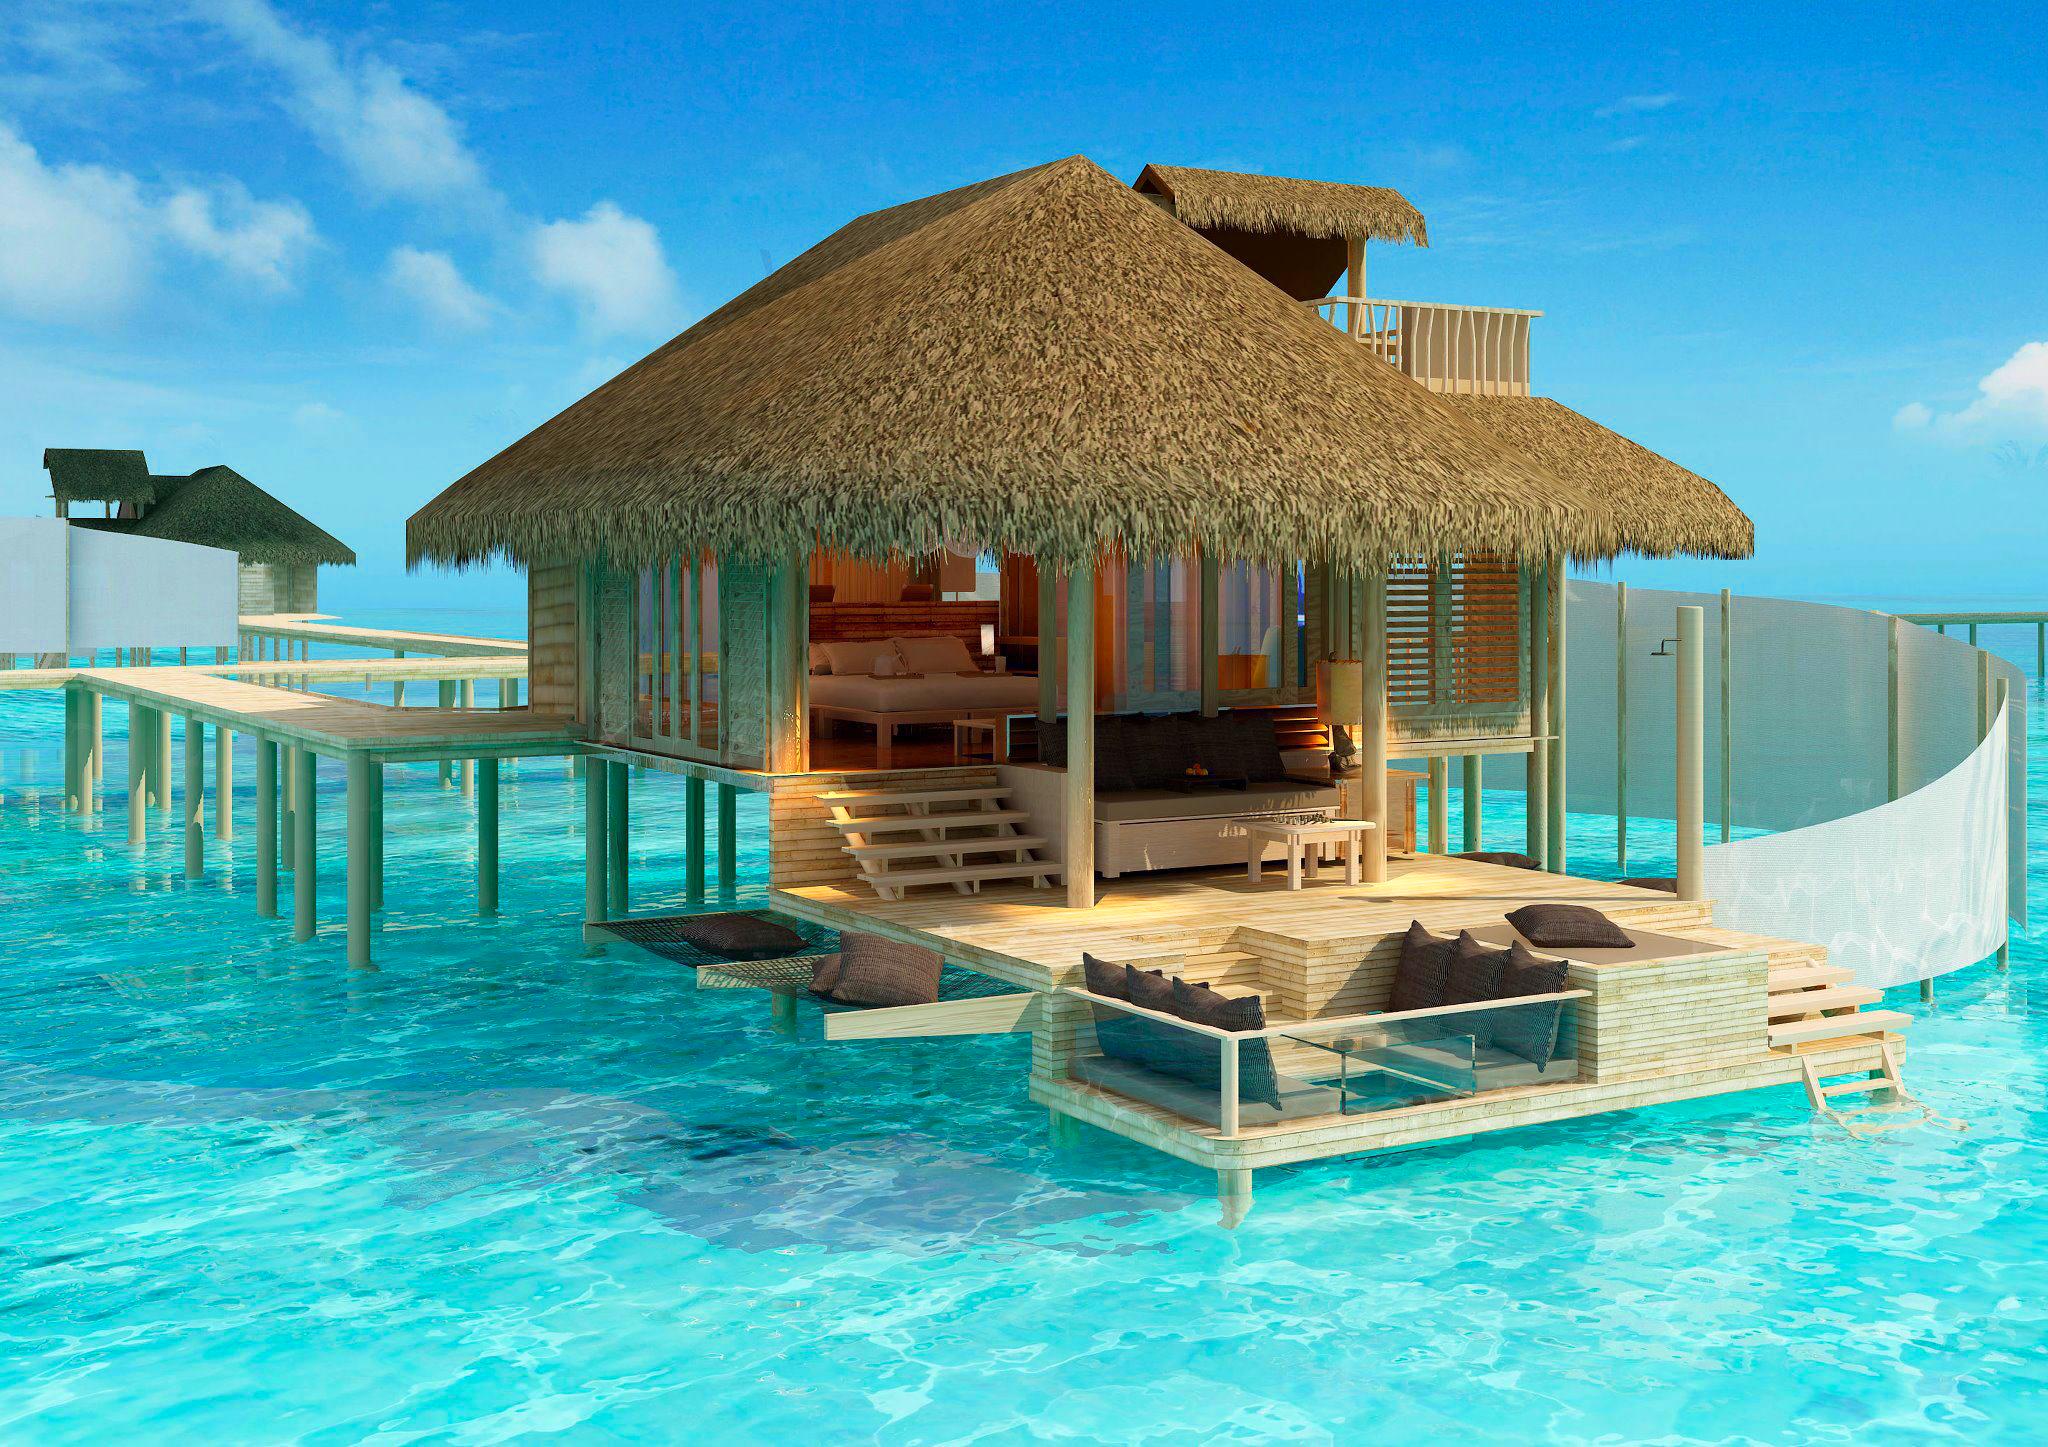 Мальдивы номера отеля отдых The Maldives the rooms the rest  № 334023 бесплатно